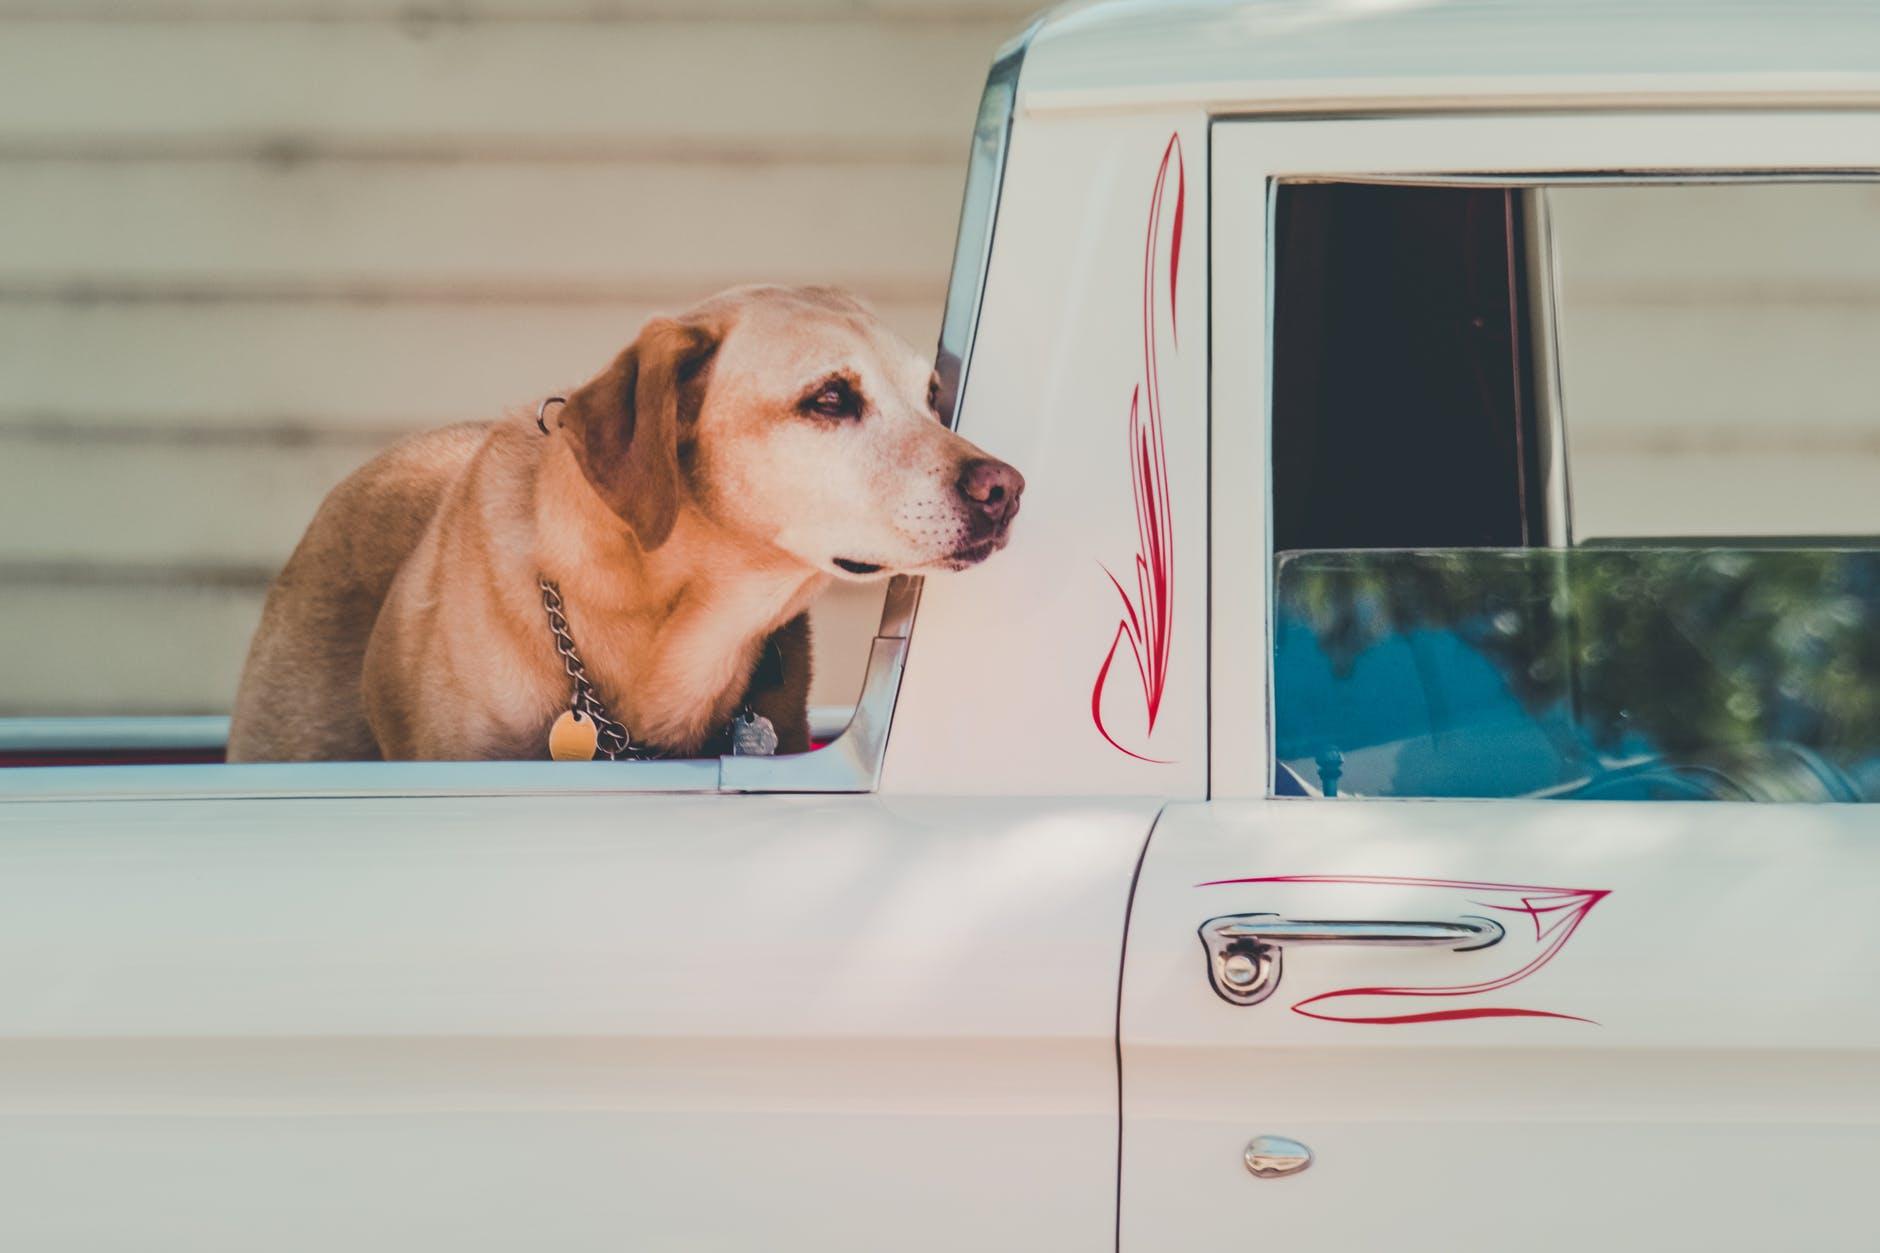 Mascota en el coche -Documentos necesarios para viajar con mascota